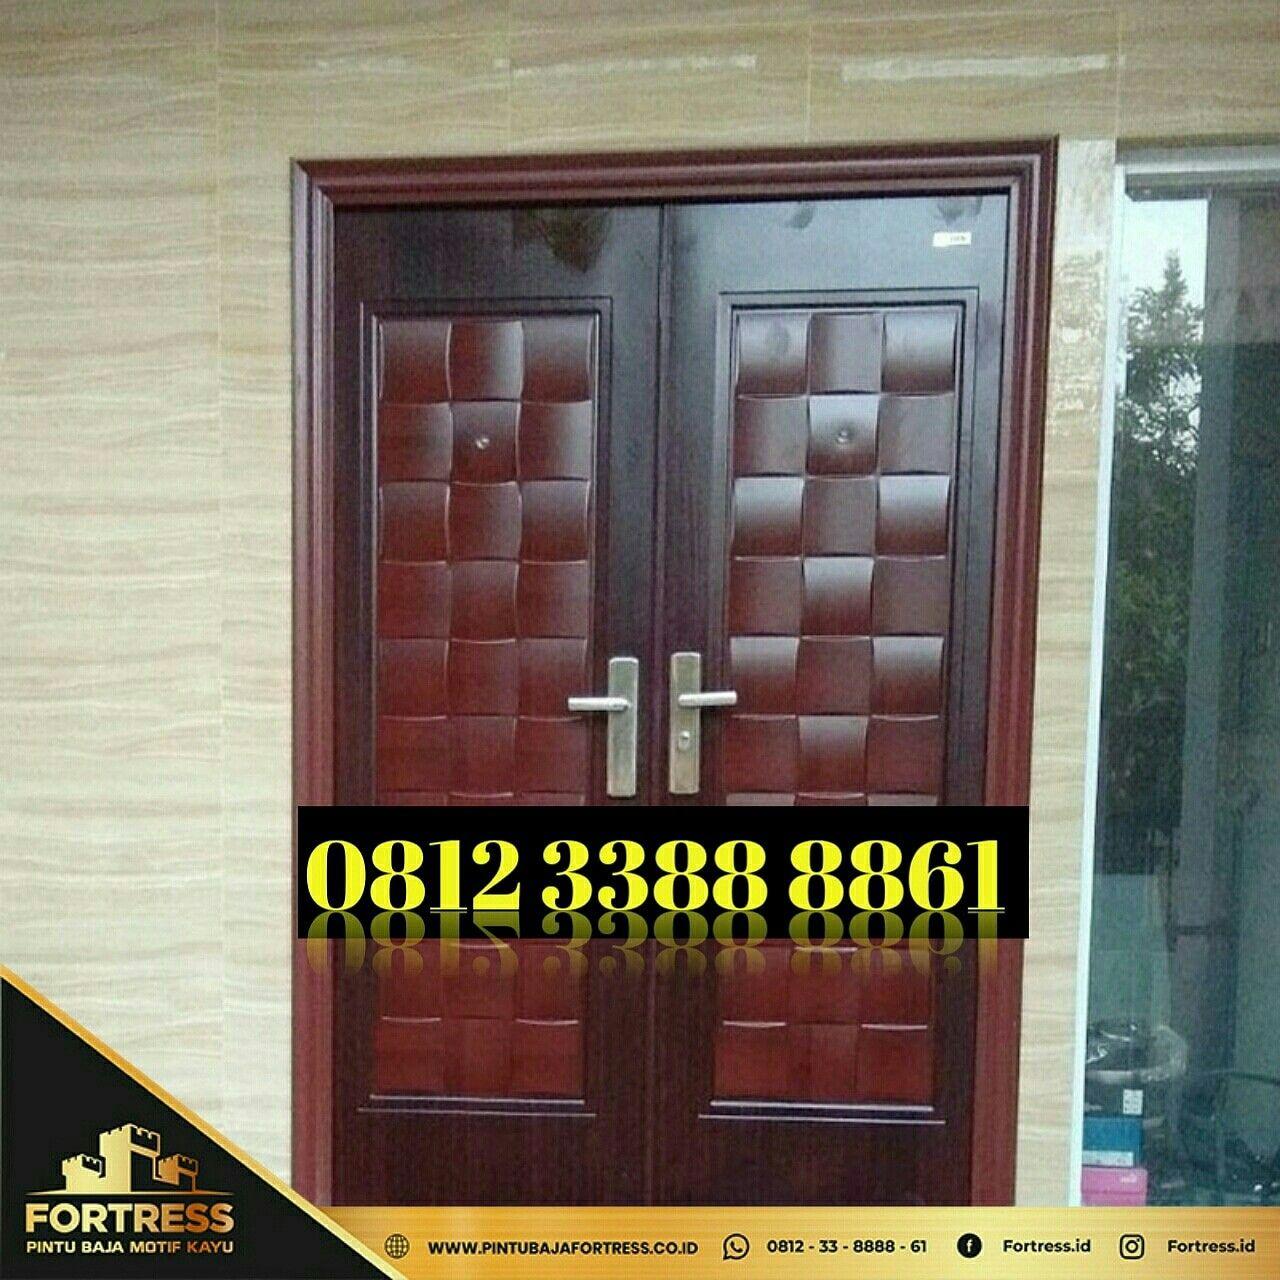 0812-9162-6108 (FORTRESS), Jual Pintu Besi Magelang - Door ...